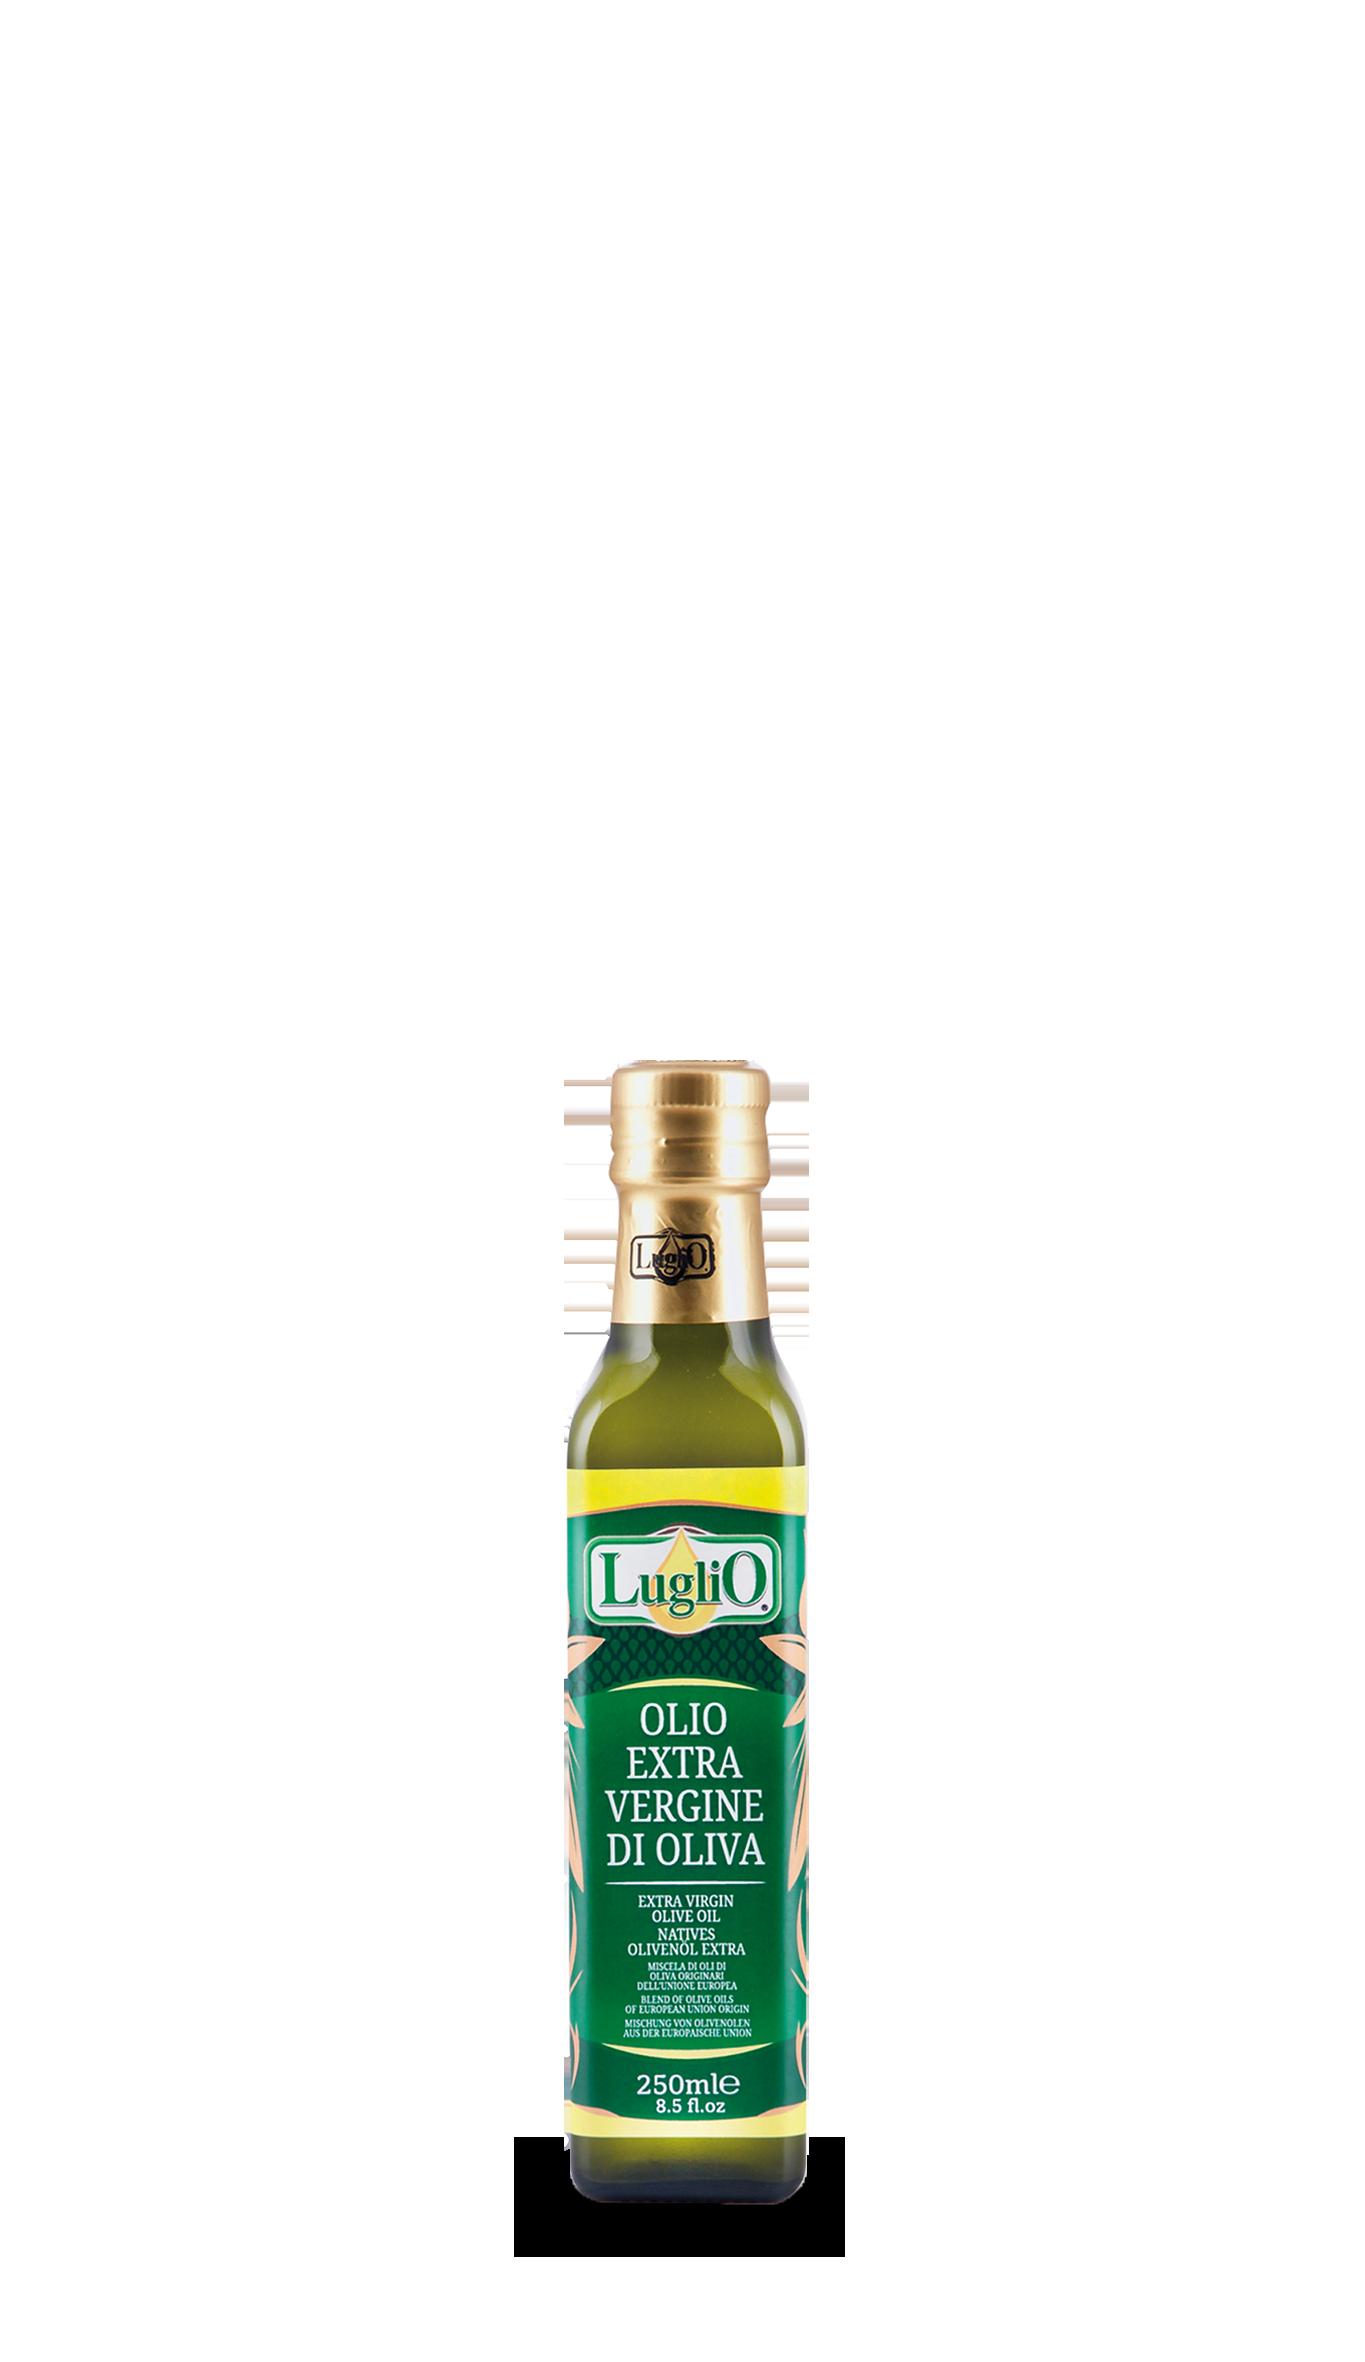 Olio luglio extra vergine comunitario 250ml in bottiglia di vetro